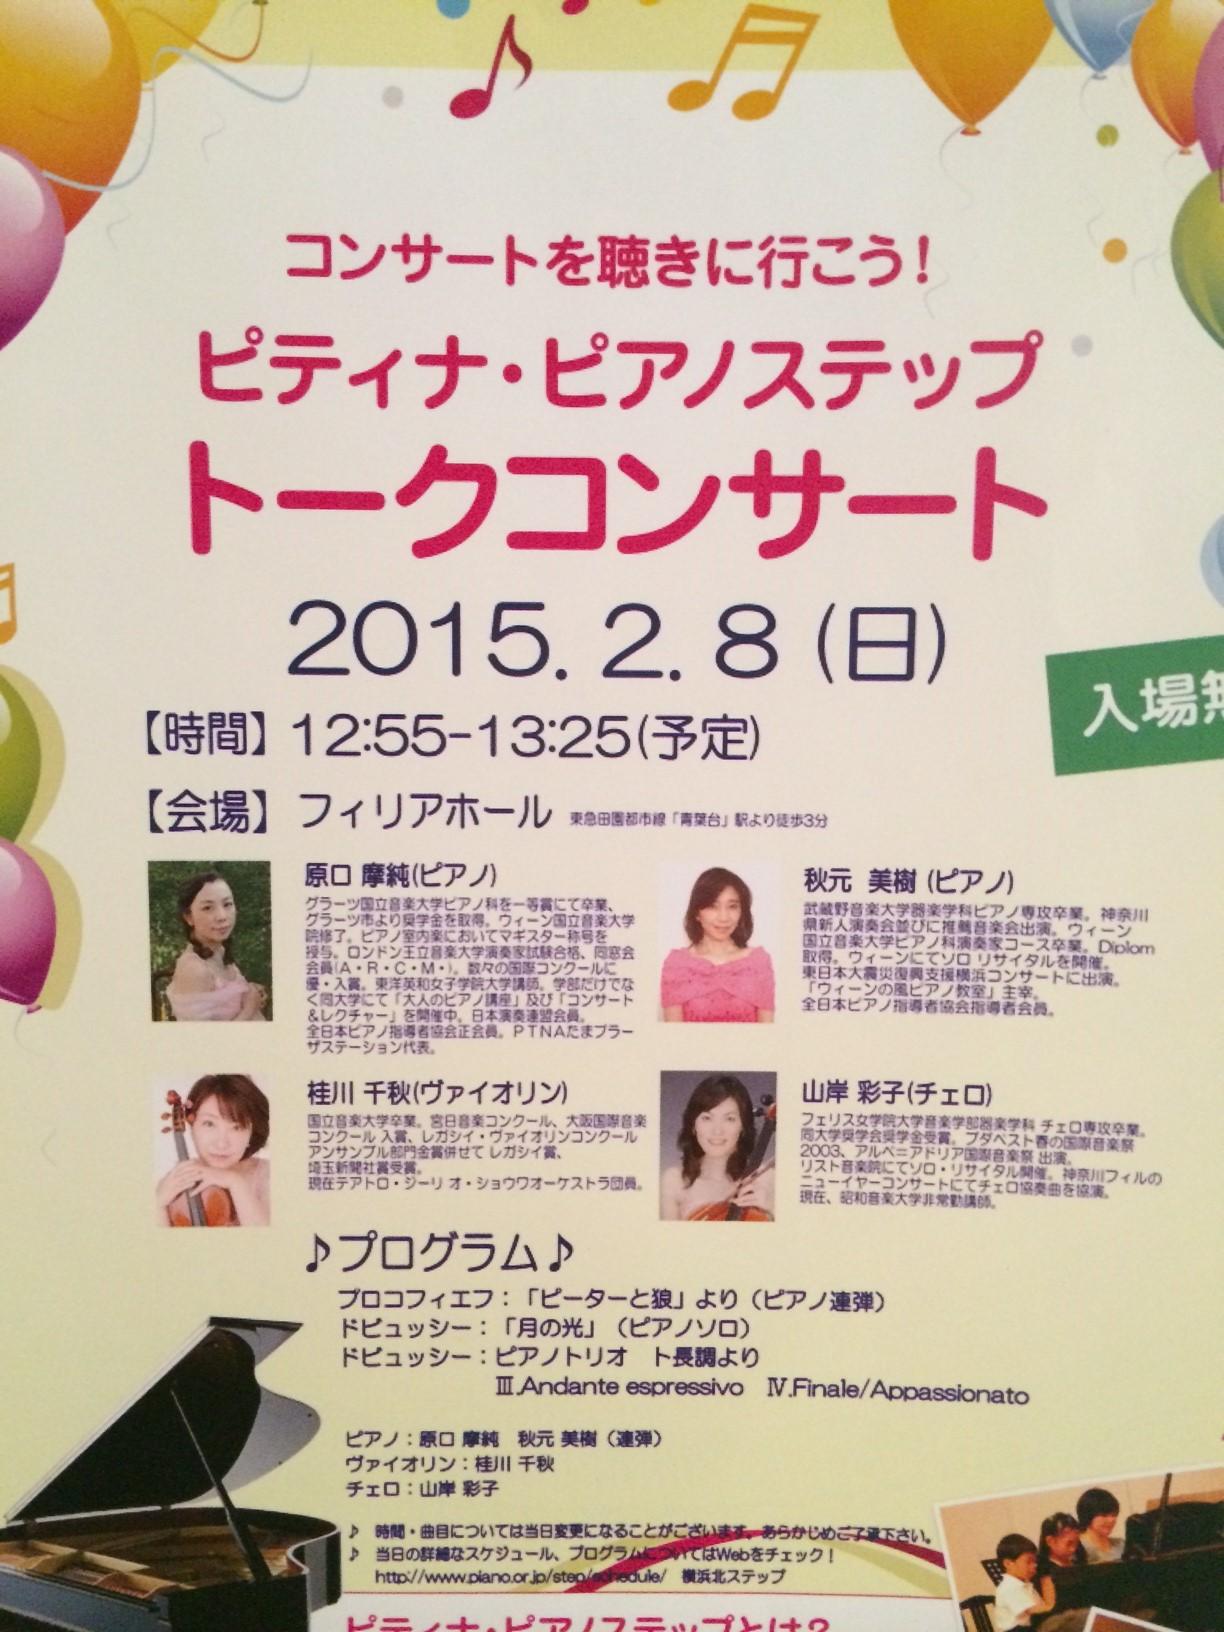 ピティナピアノステップトークコンサート2015